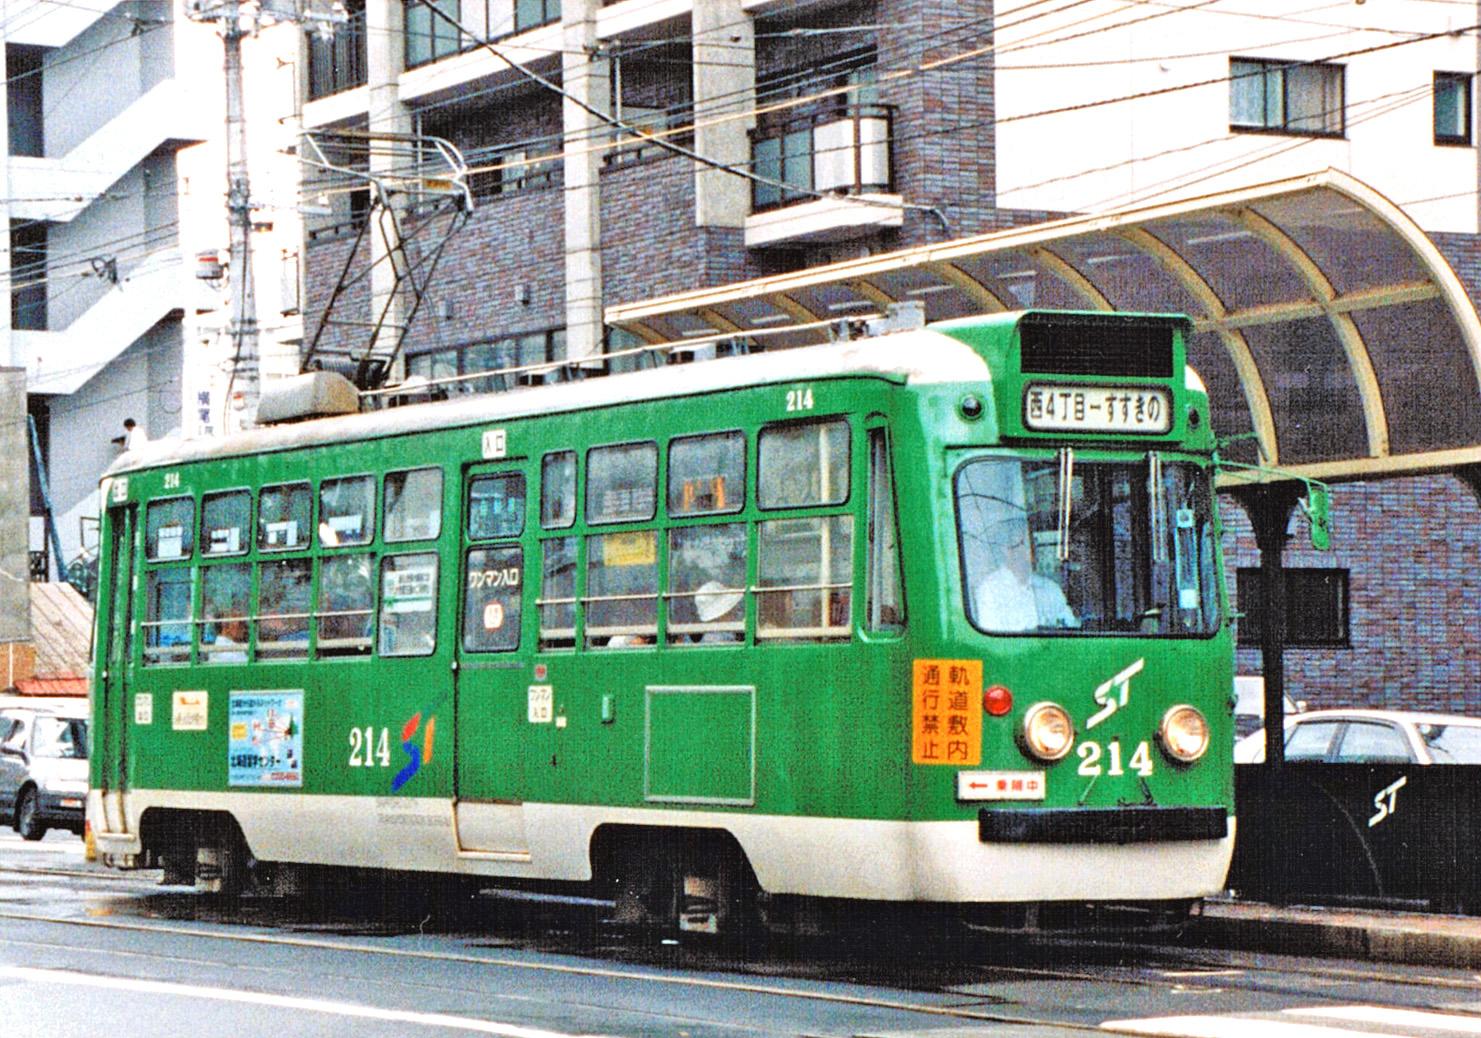 札幌市電延伸、12月20日開業-環...